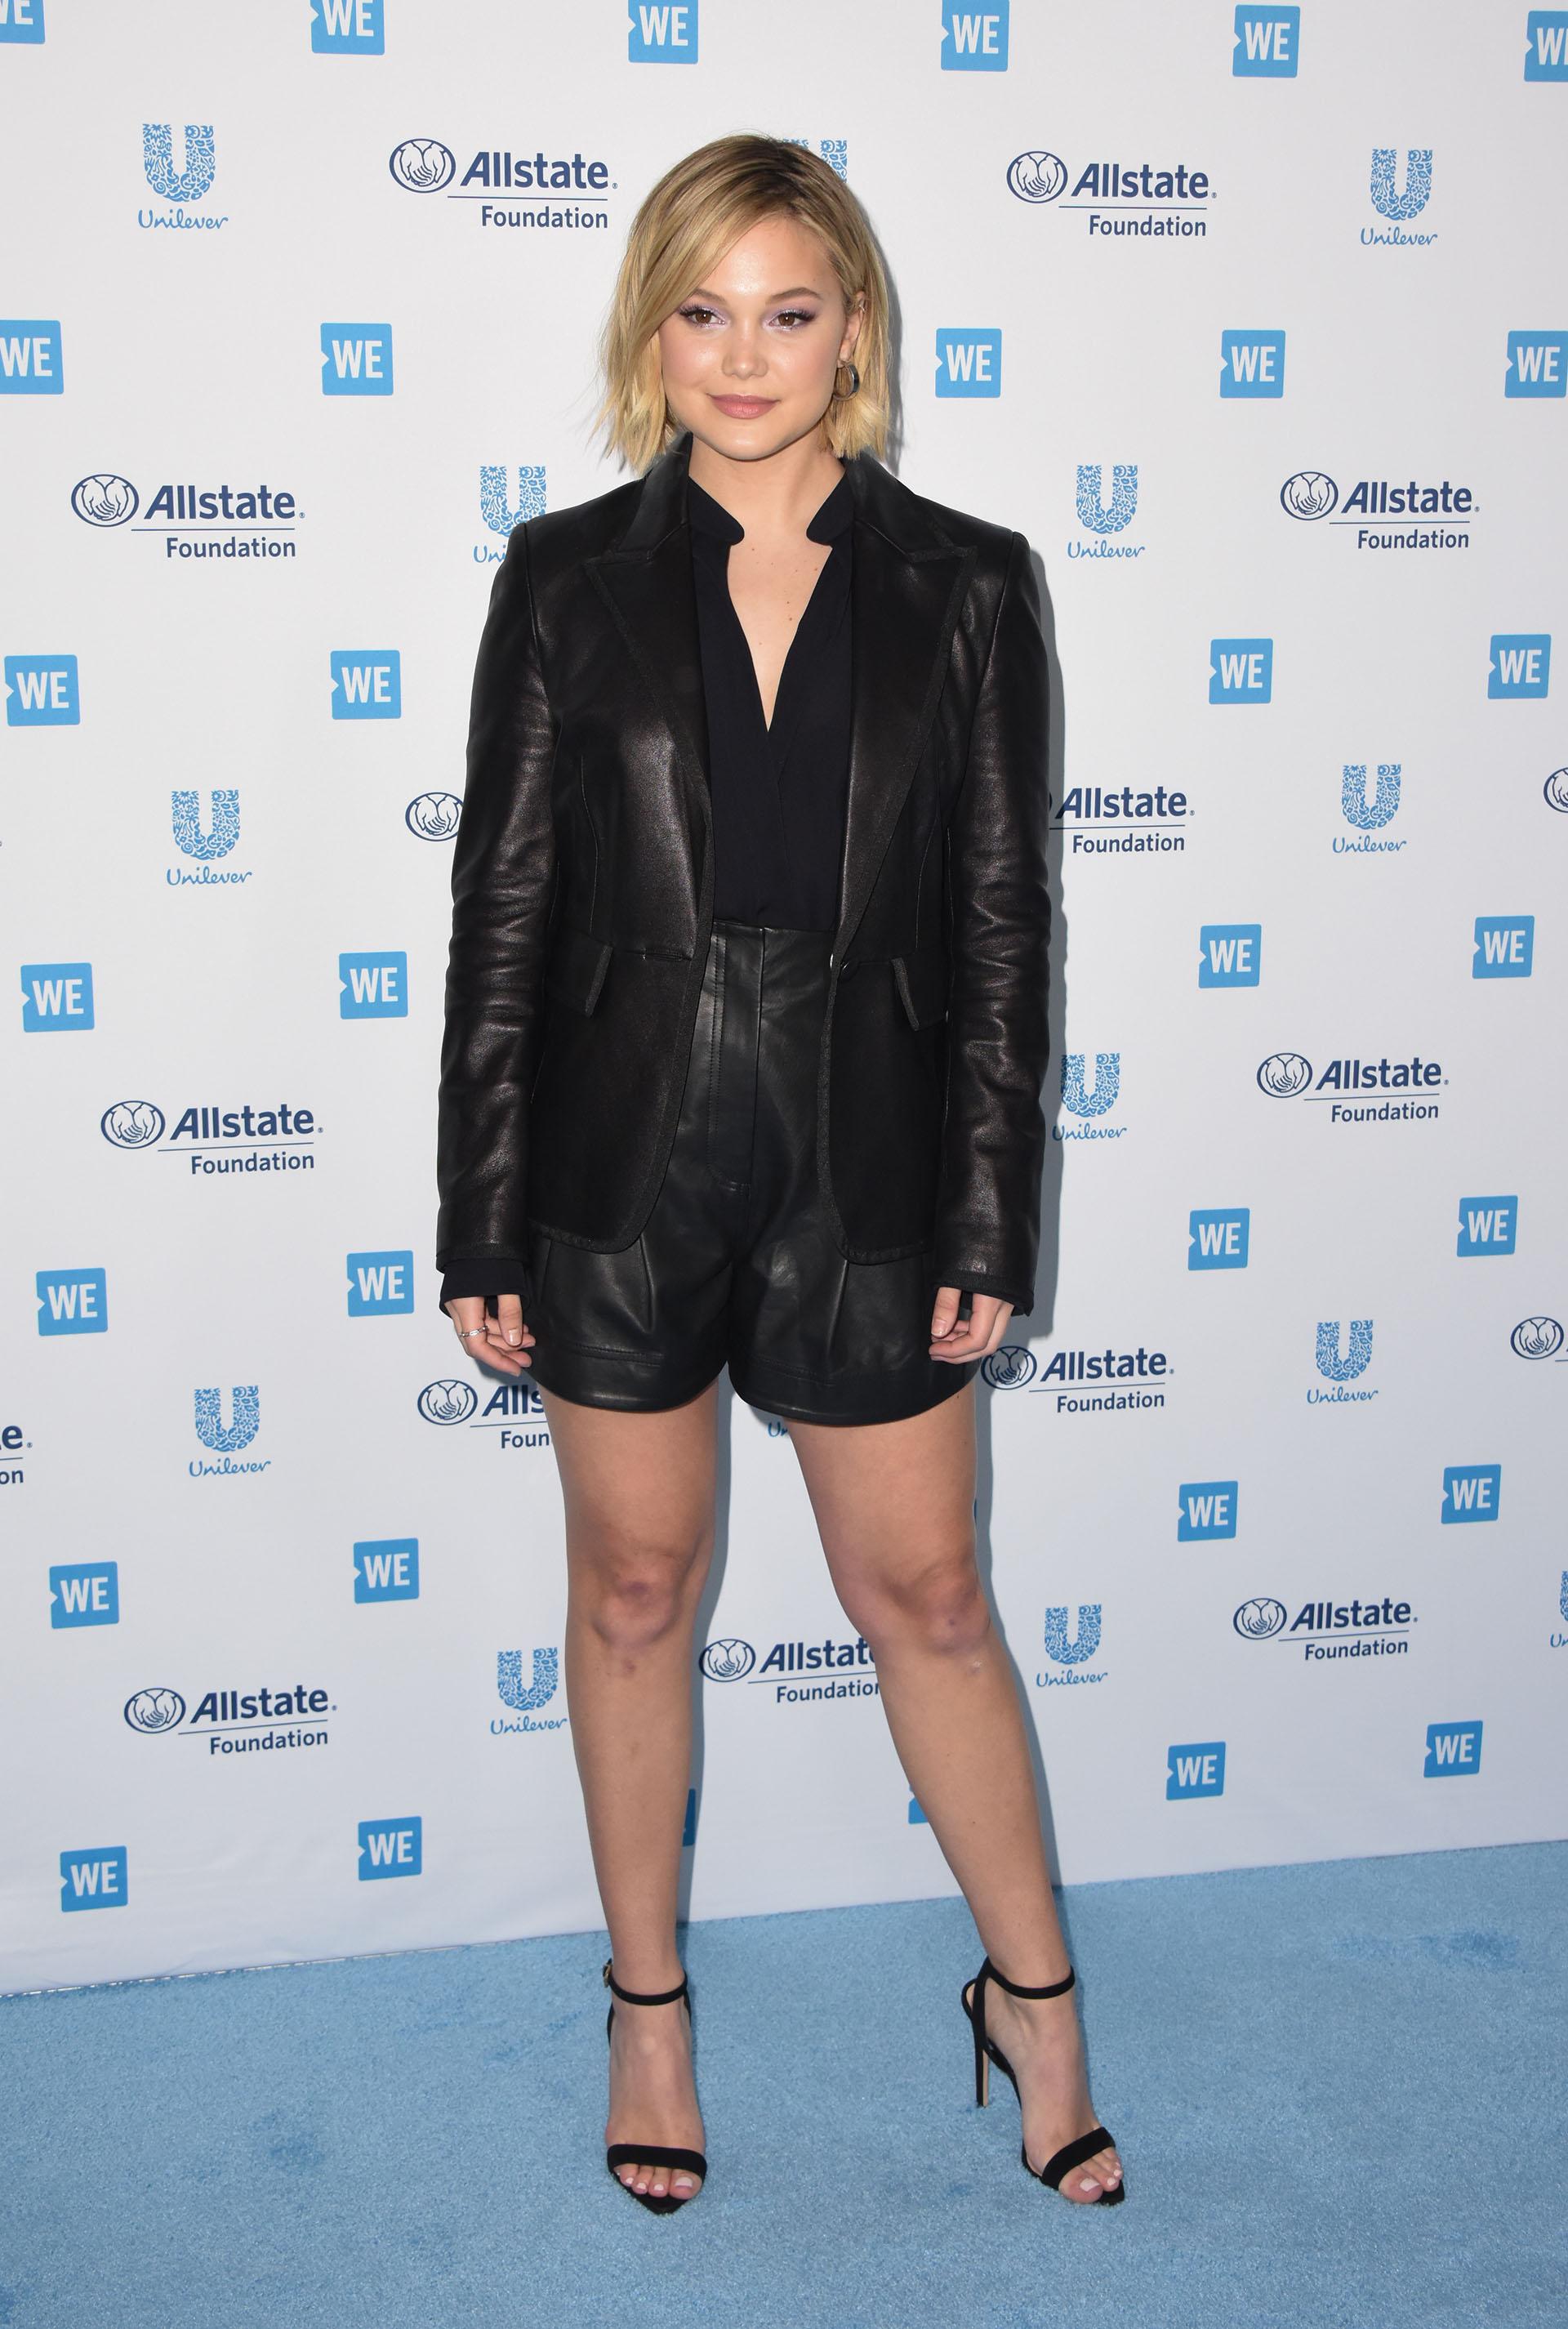 La cantante Olivia Holt también se decantó por el negro, en su caso, con este conjunto de cuero y sandalias con tiras finas